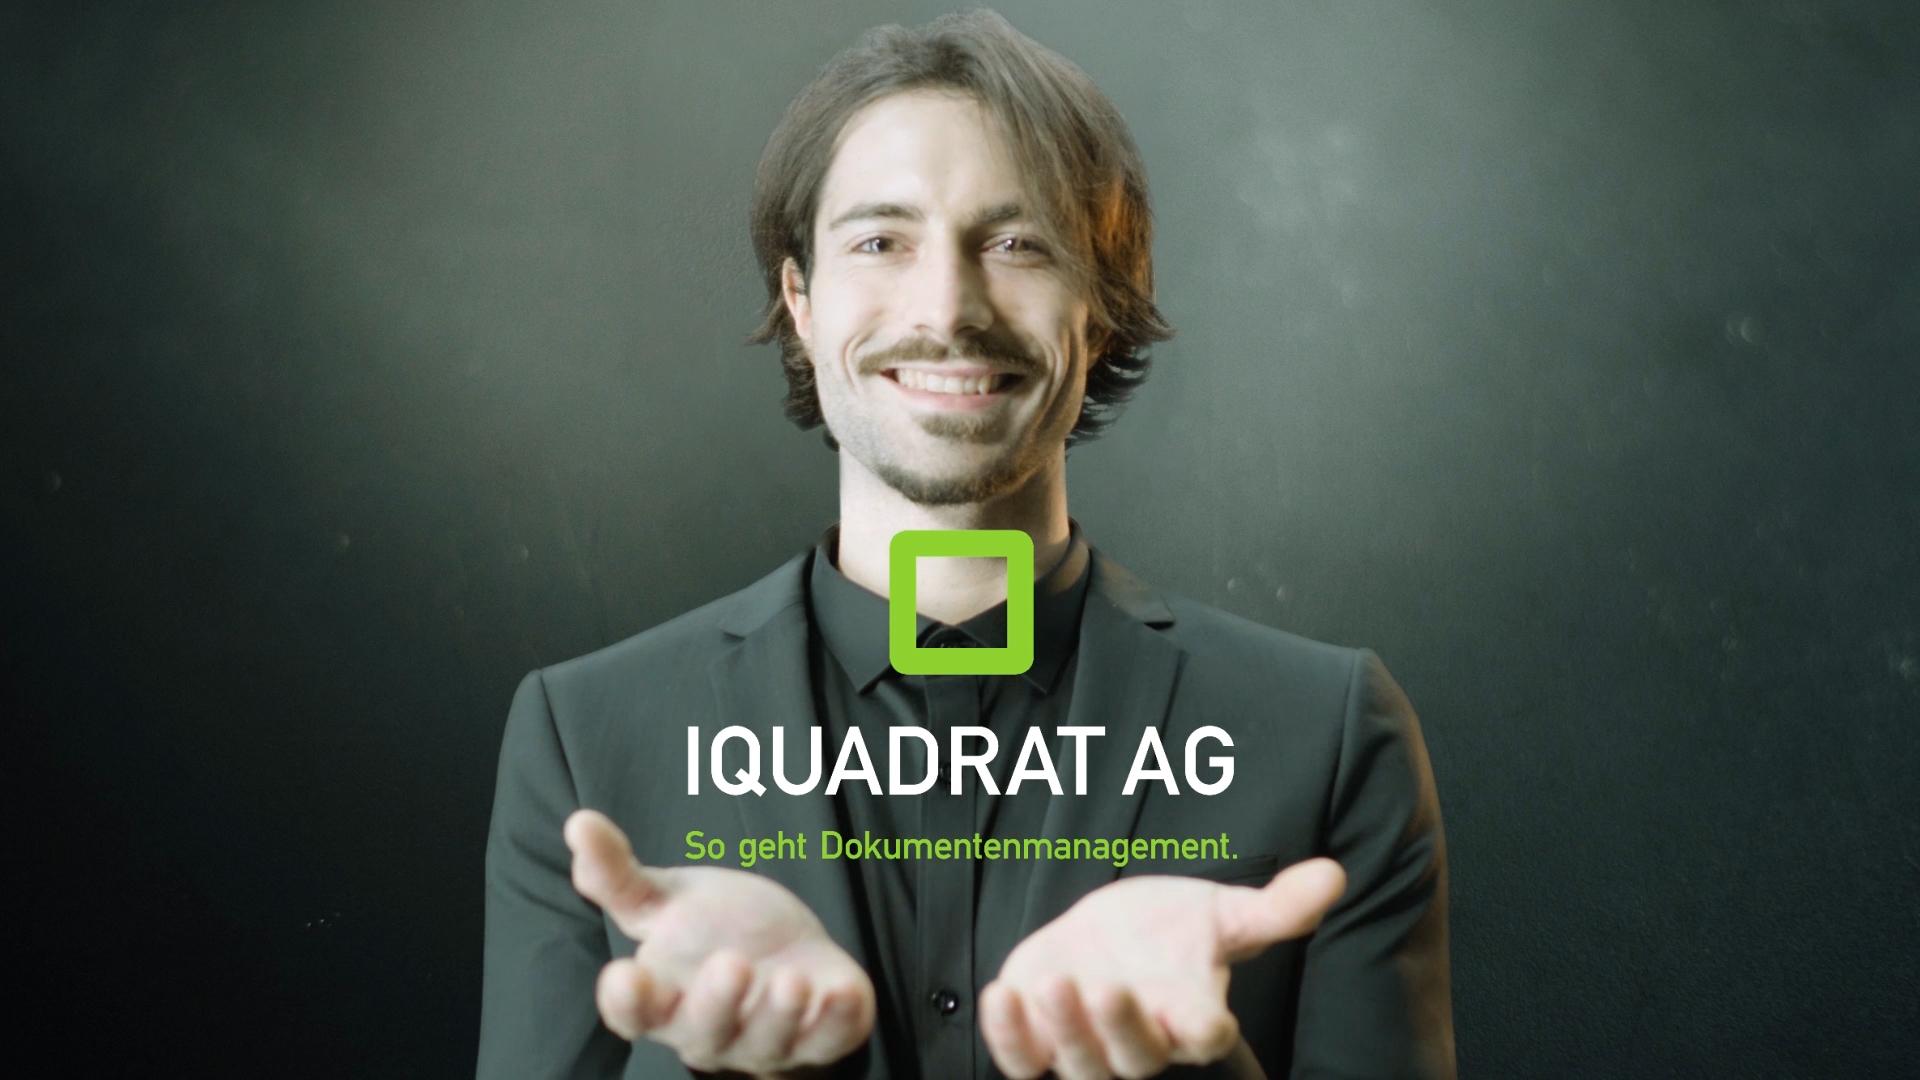 Mann präsentiert Logo der iquadrat AG